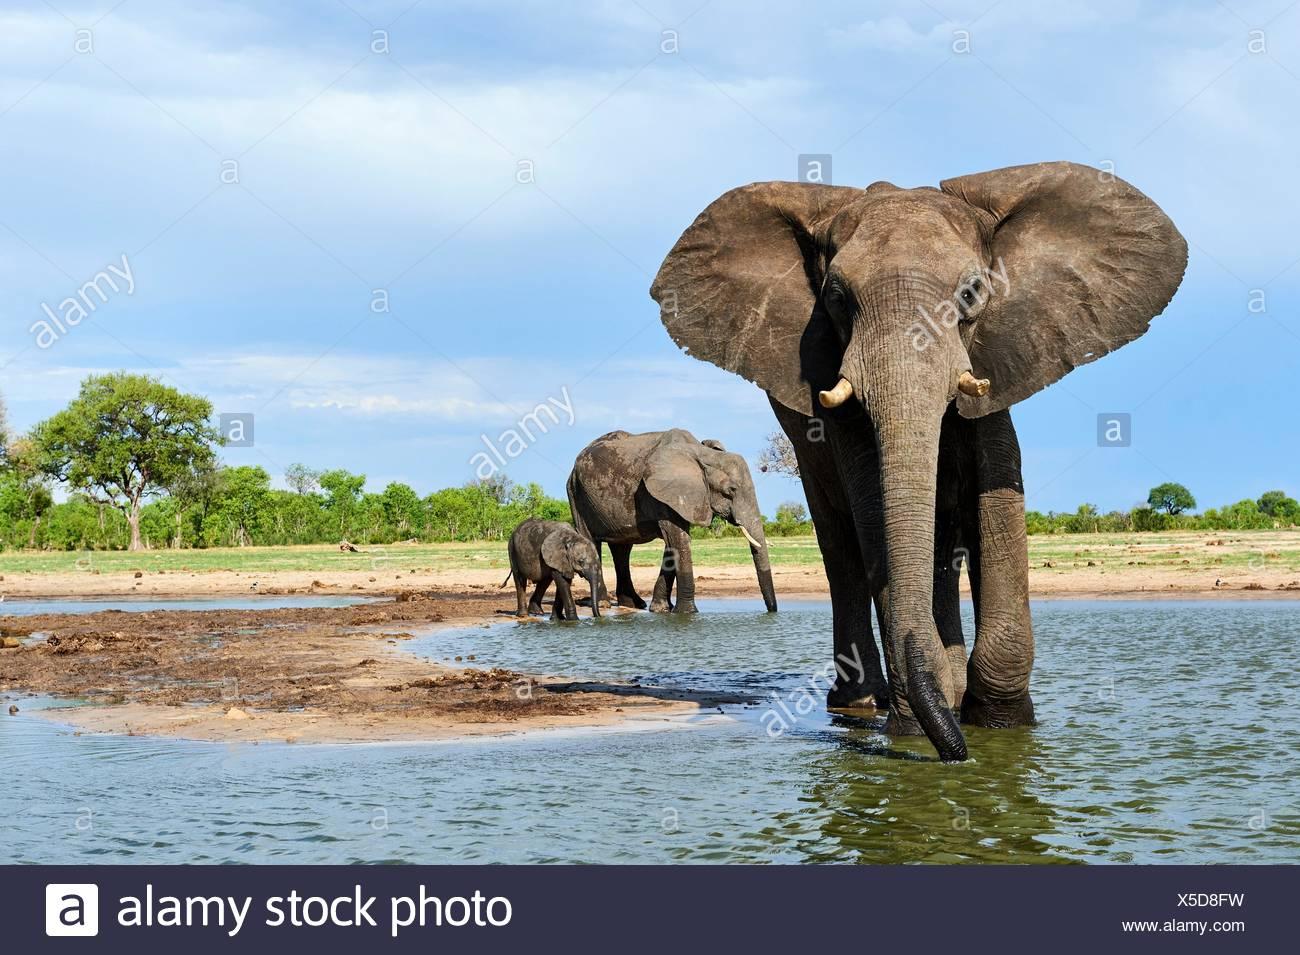 African elephant group (Loxodonta africana) drinking at a watehole. Hwange National Park, Zimbabwe. - Stock Image